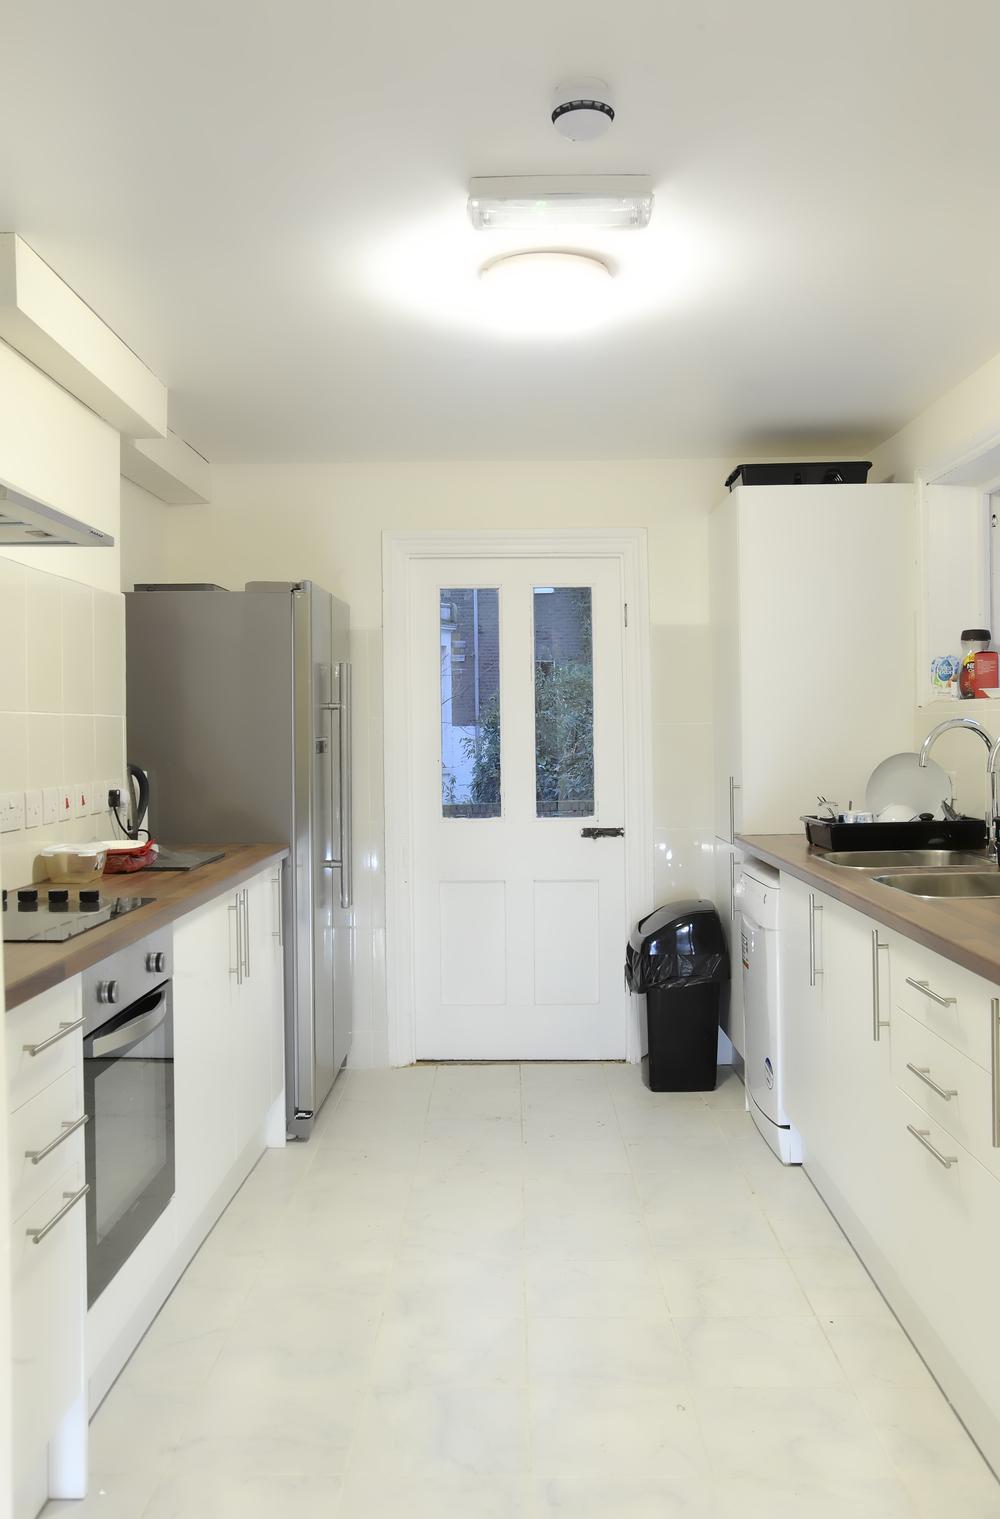 La nostra cucina in comune dove abbiamo un frigo-congelatore e tutti gli utensili per la cucina di cui hai bisogno. Questo posto emana odorini deliziosi tutte le sere!